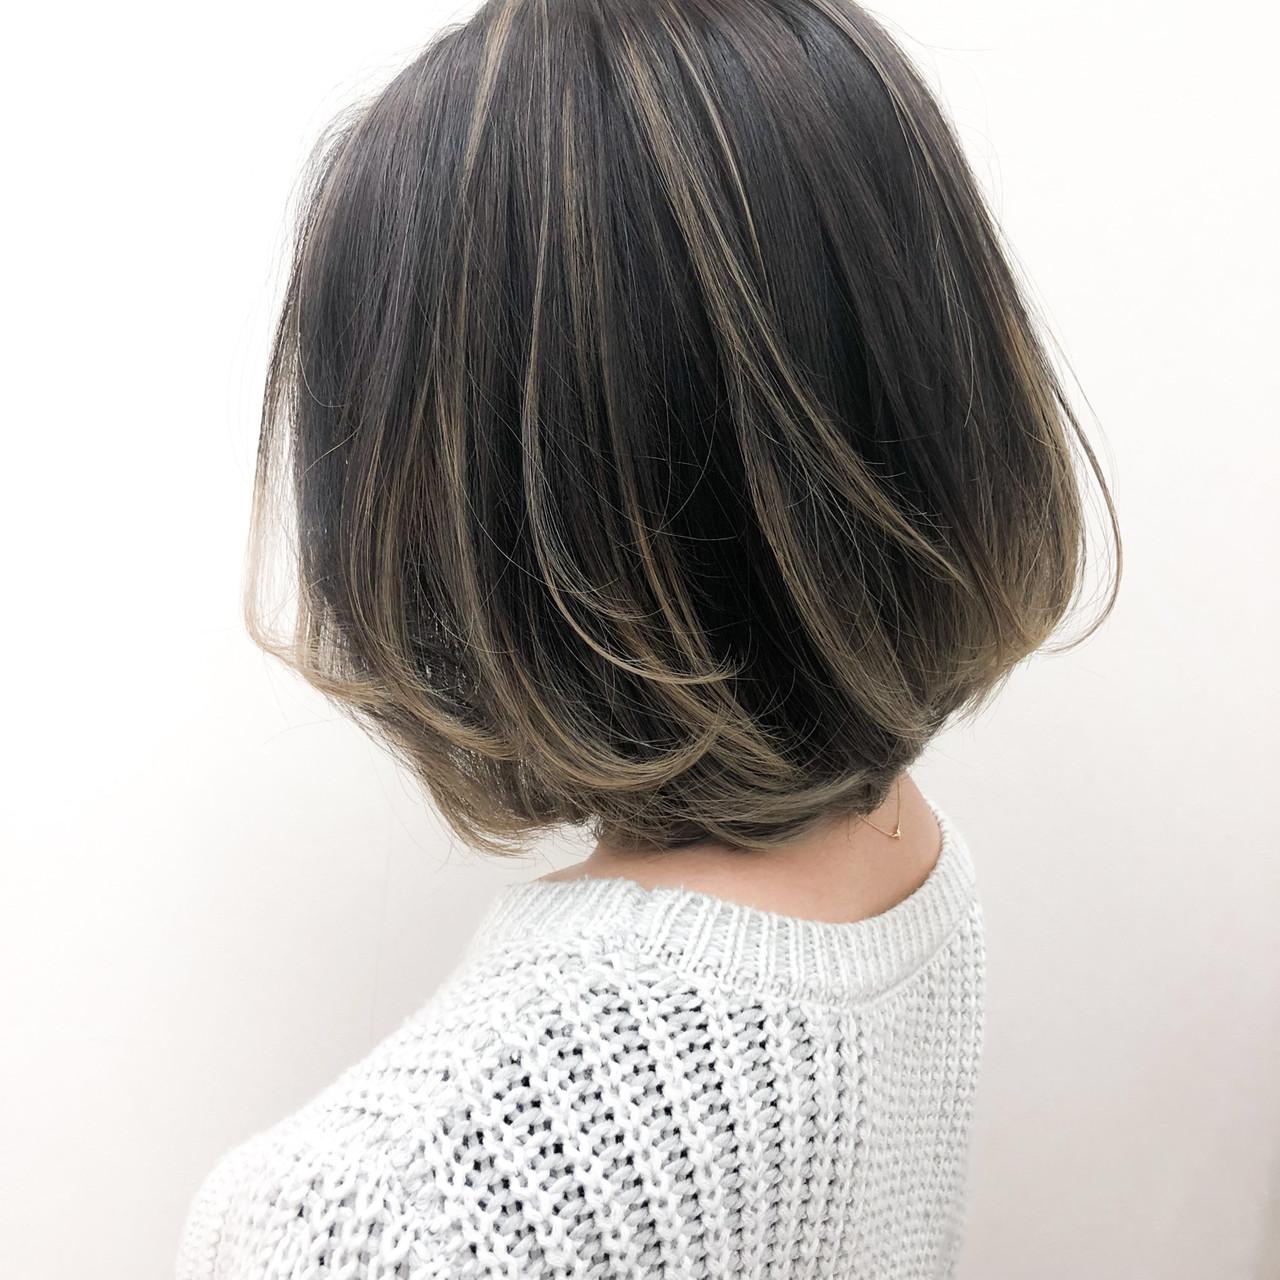 グラデーションカラー 大人ハイライト ボブ バレイヤージュ ヘアスタイルや髪型の写真・画像   YSO / 電髪倶楽部street